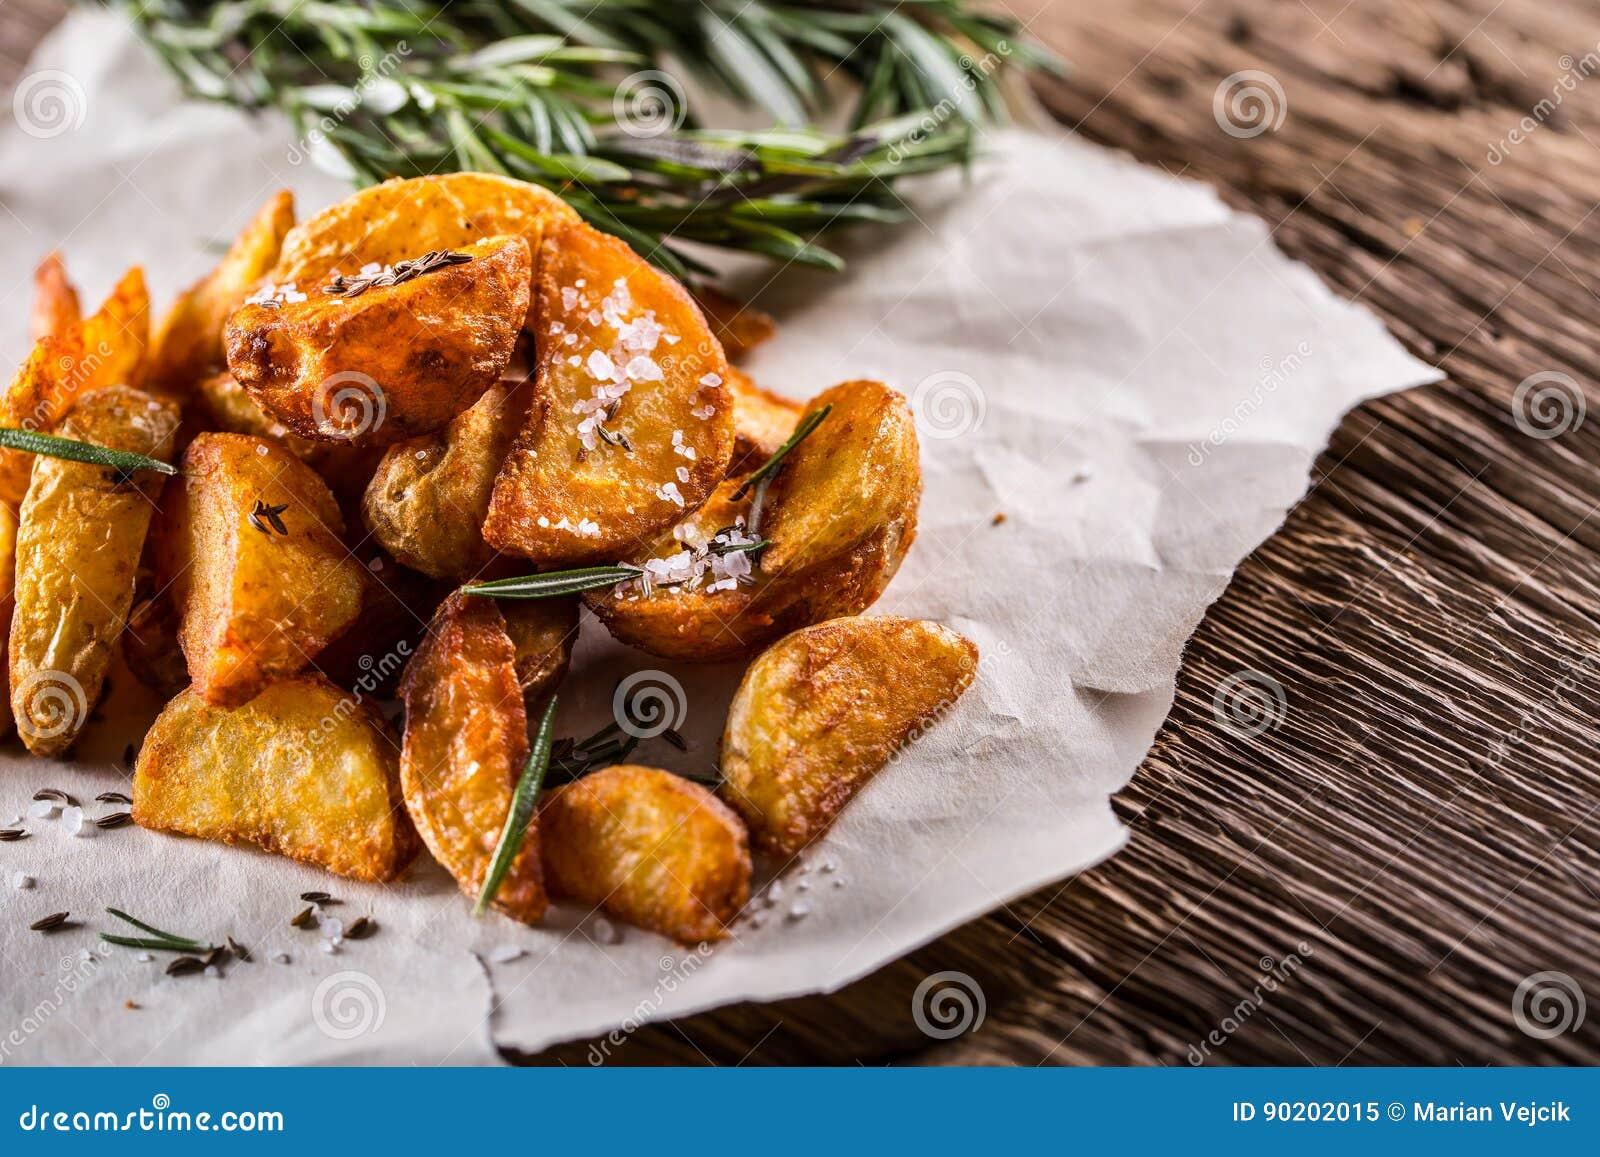 Potatis grillade potatisar Amerikanska potatisar med salta rosmarin och spiskummin Den grillade potatisen kilar läckert frasigt